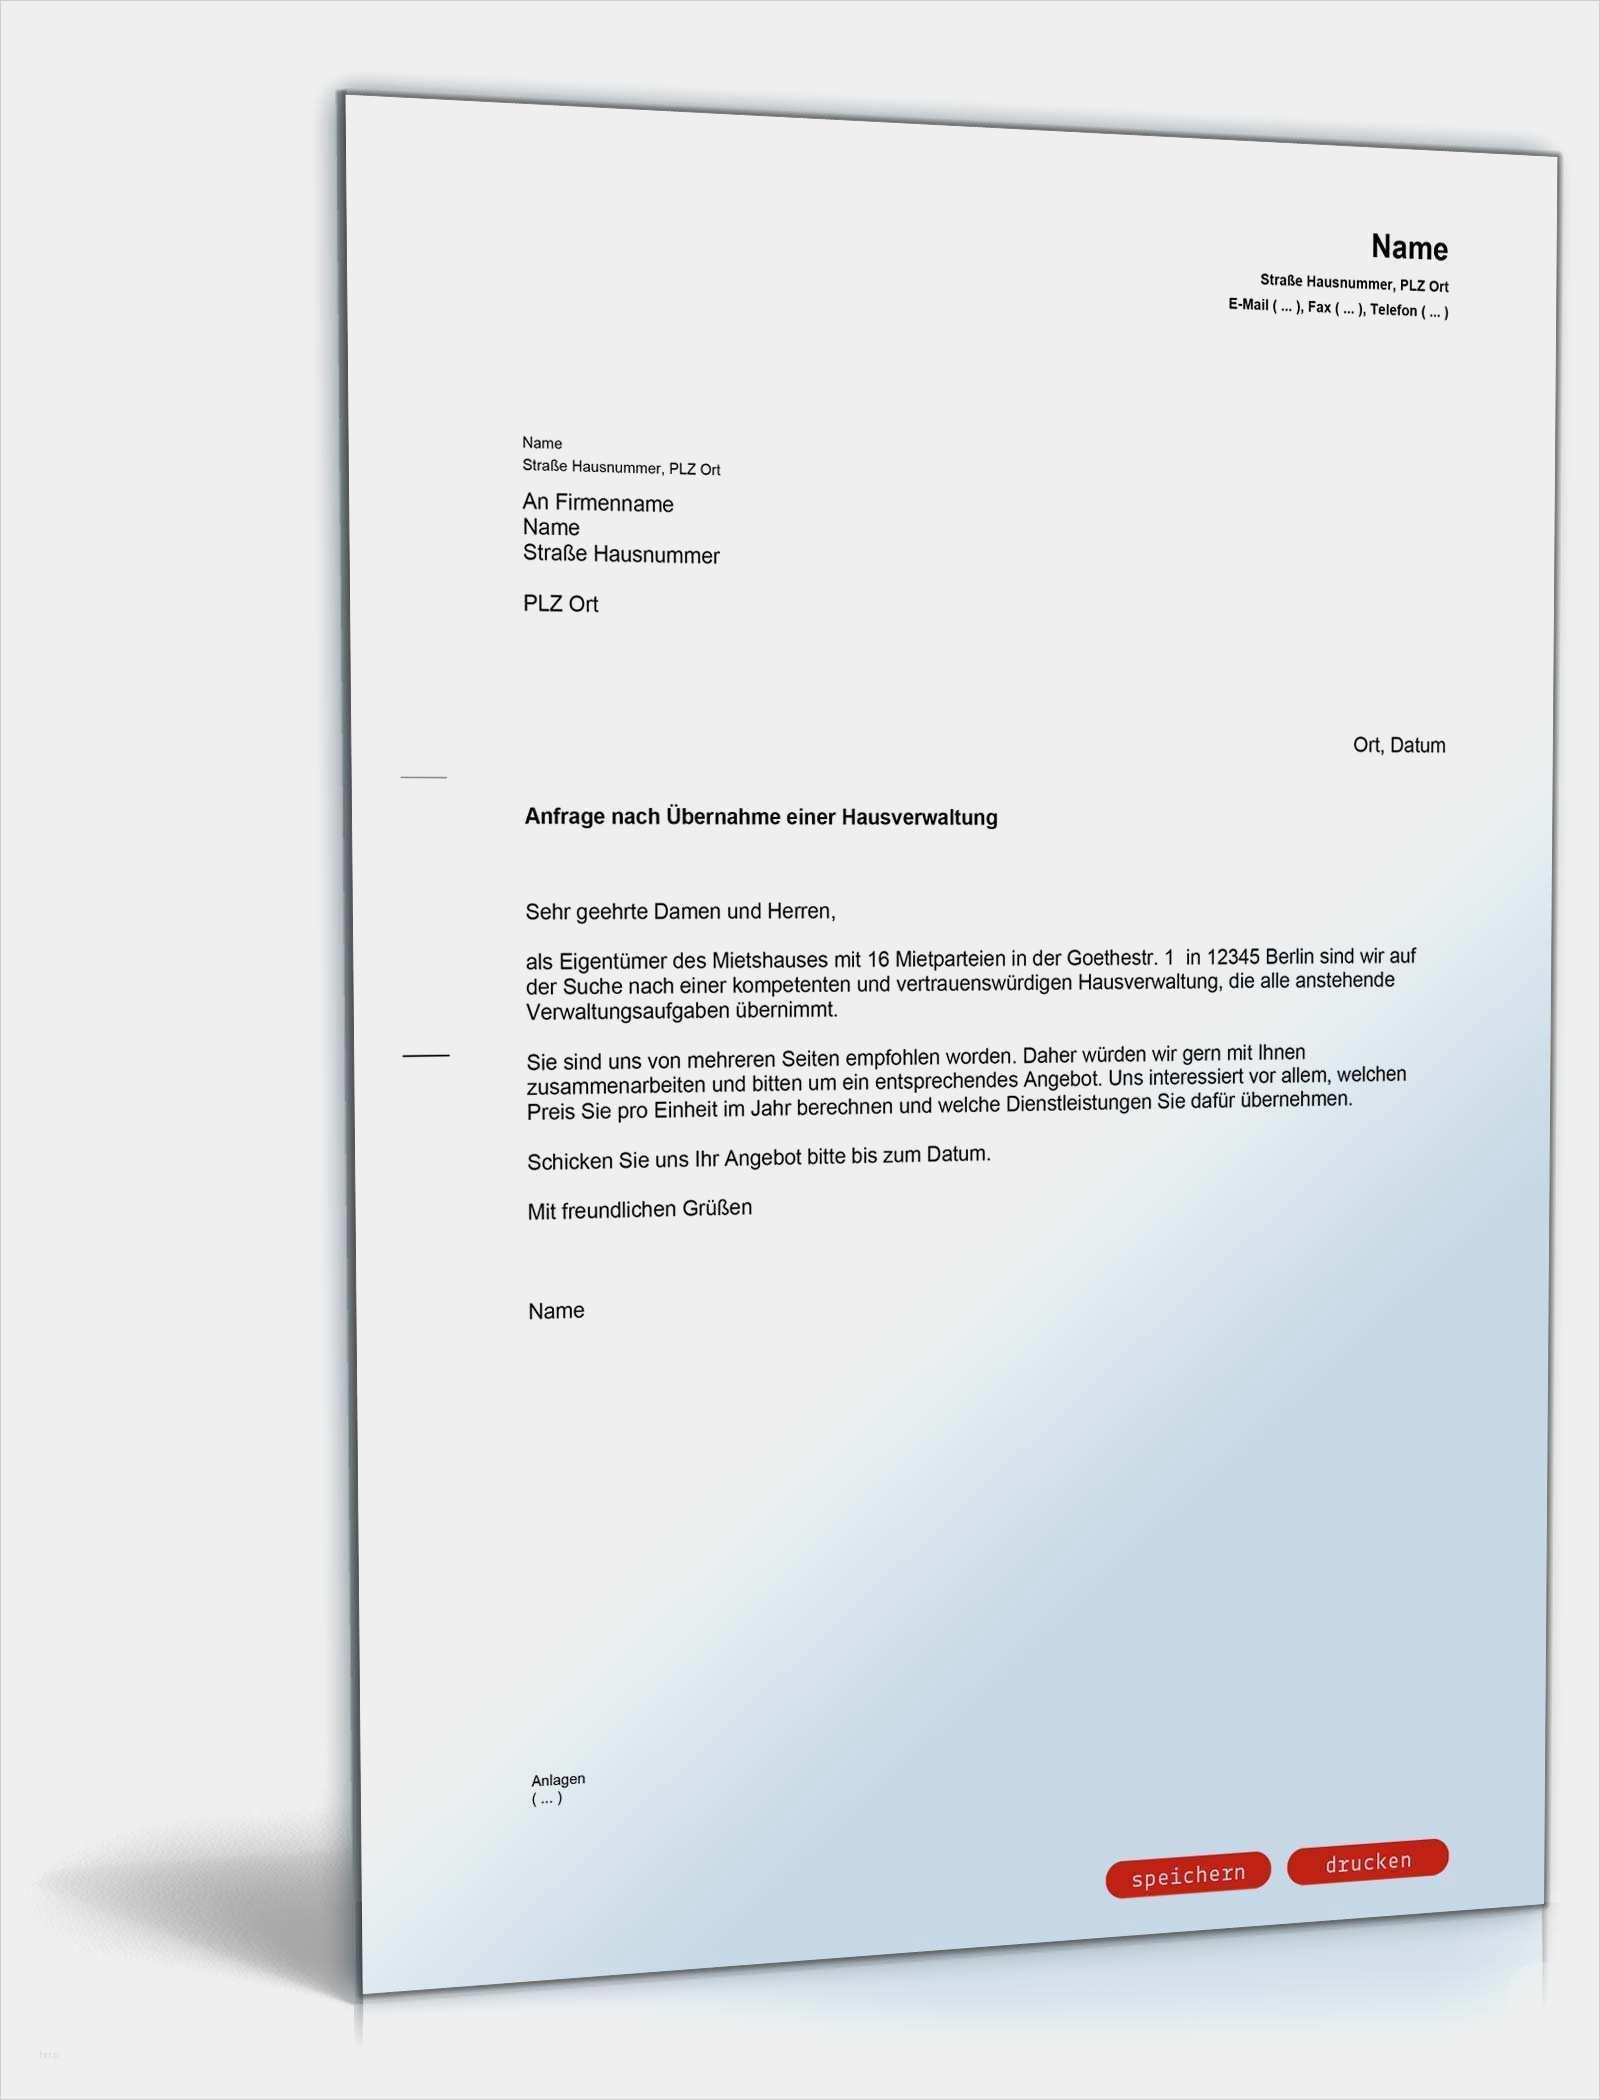 50 Bewundernswert Hausverwaltung Excel Vorlage Galerie Vorlagen Word Rechnung Vorlage Entschuldigung Schule Vorlage